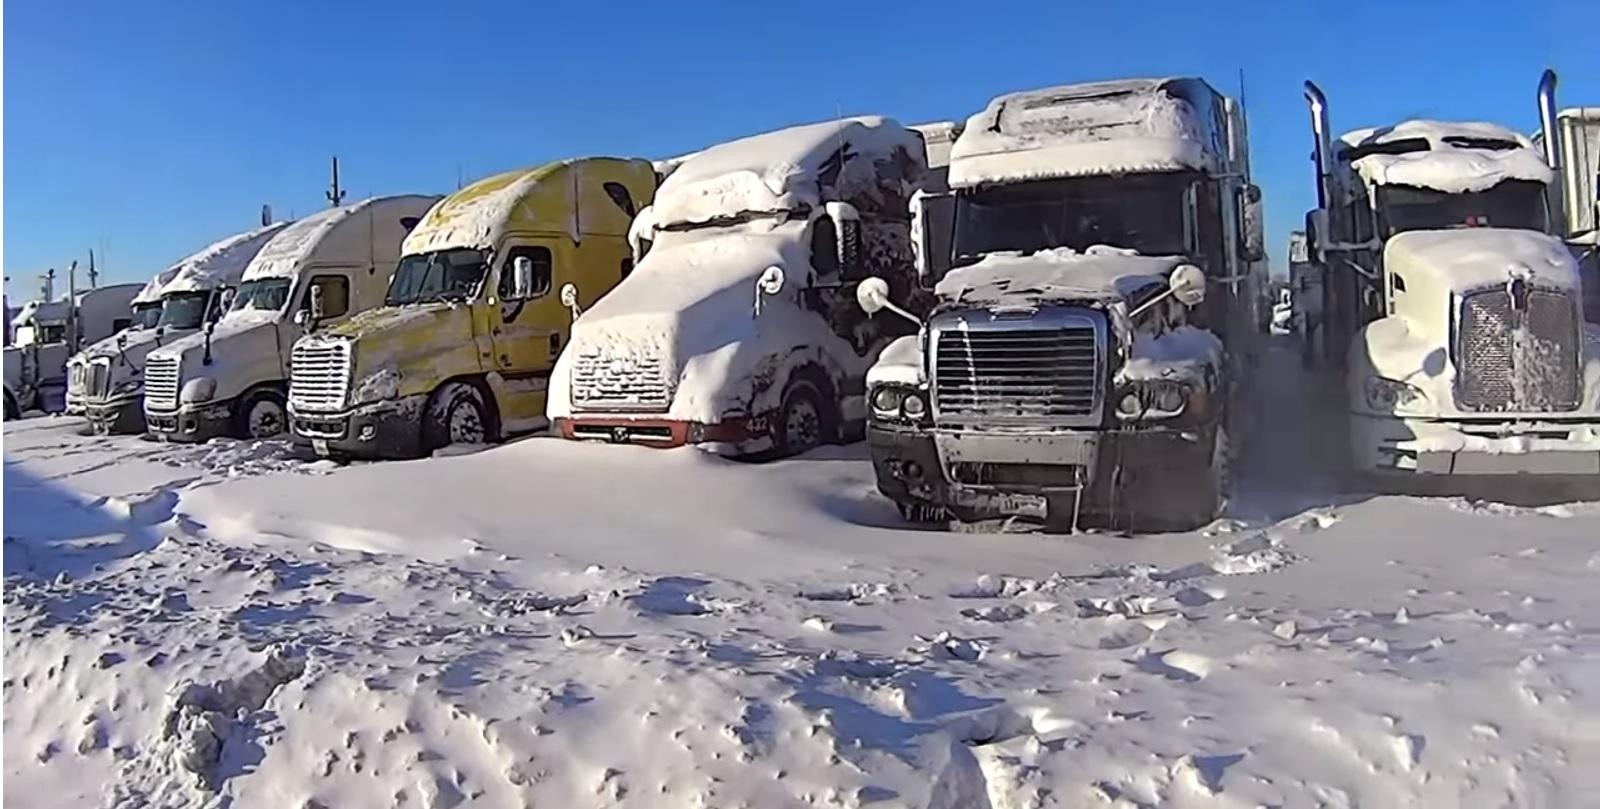 Truckstop after snowstorm.